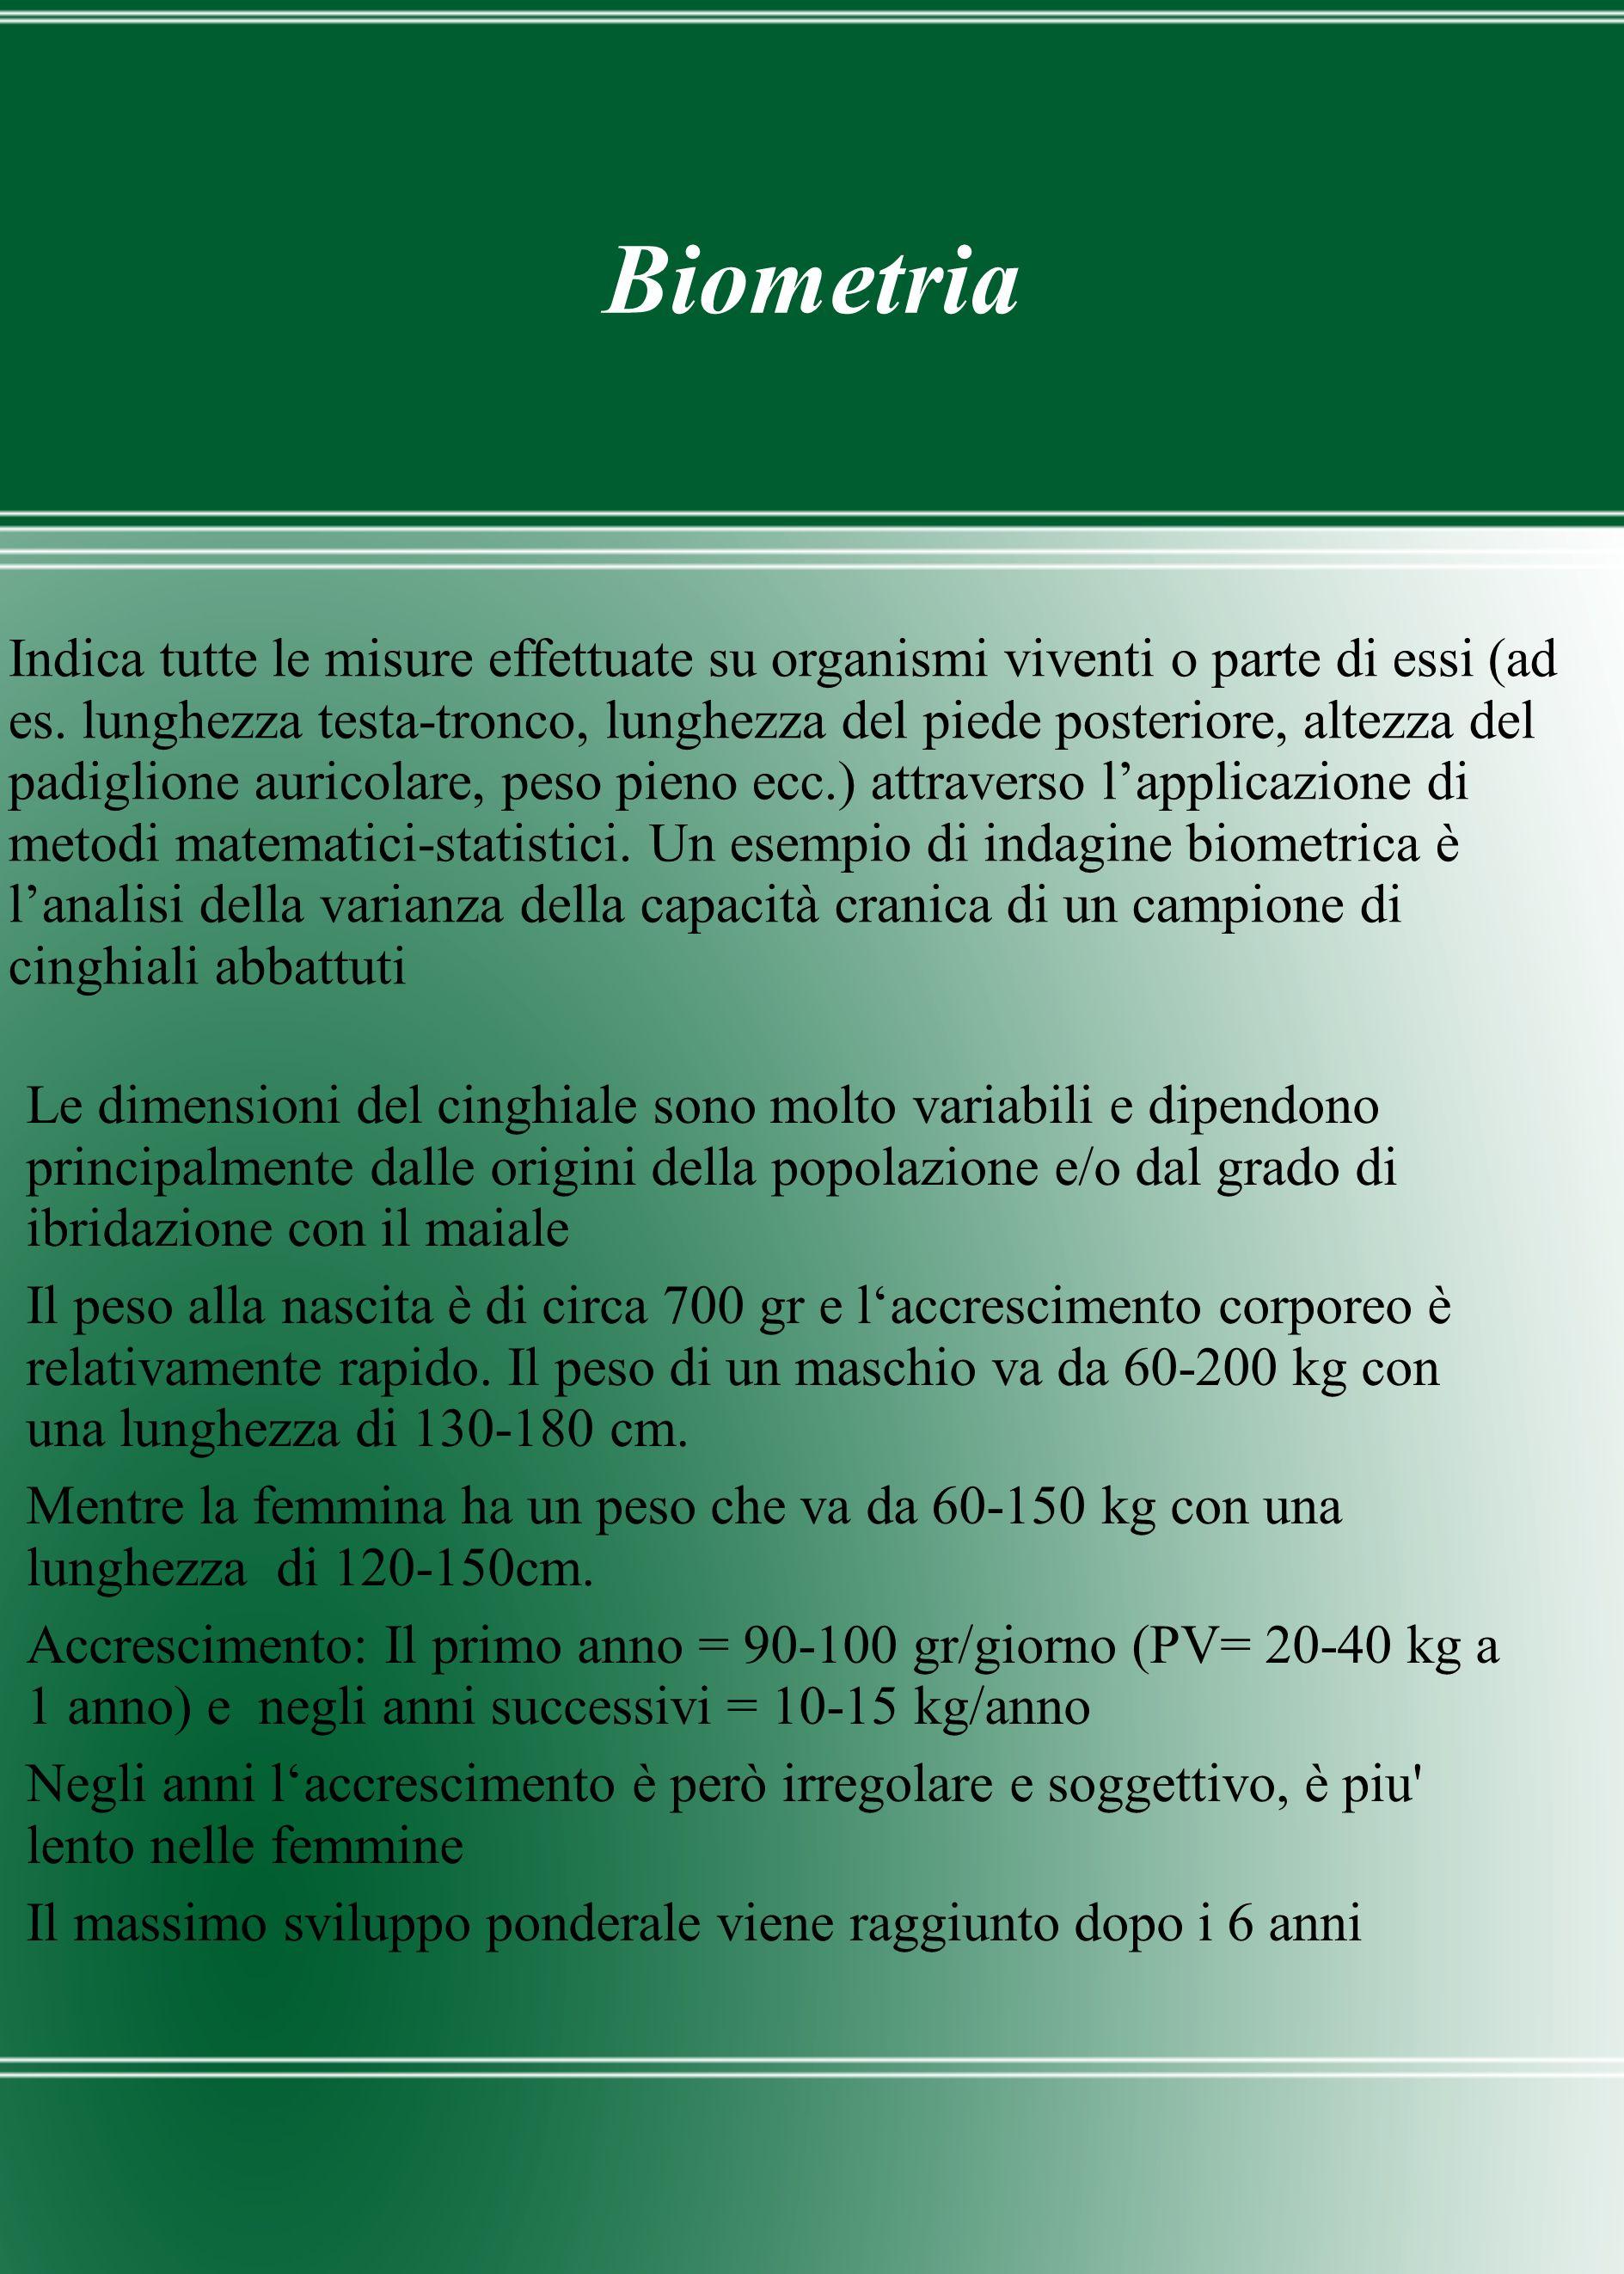 Biometria Le dimensioni del cinghiale sono molto variabili e dipendono principalmente dalle origini della popolazione e/o dal grado di ibridazione con